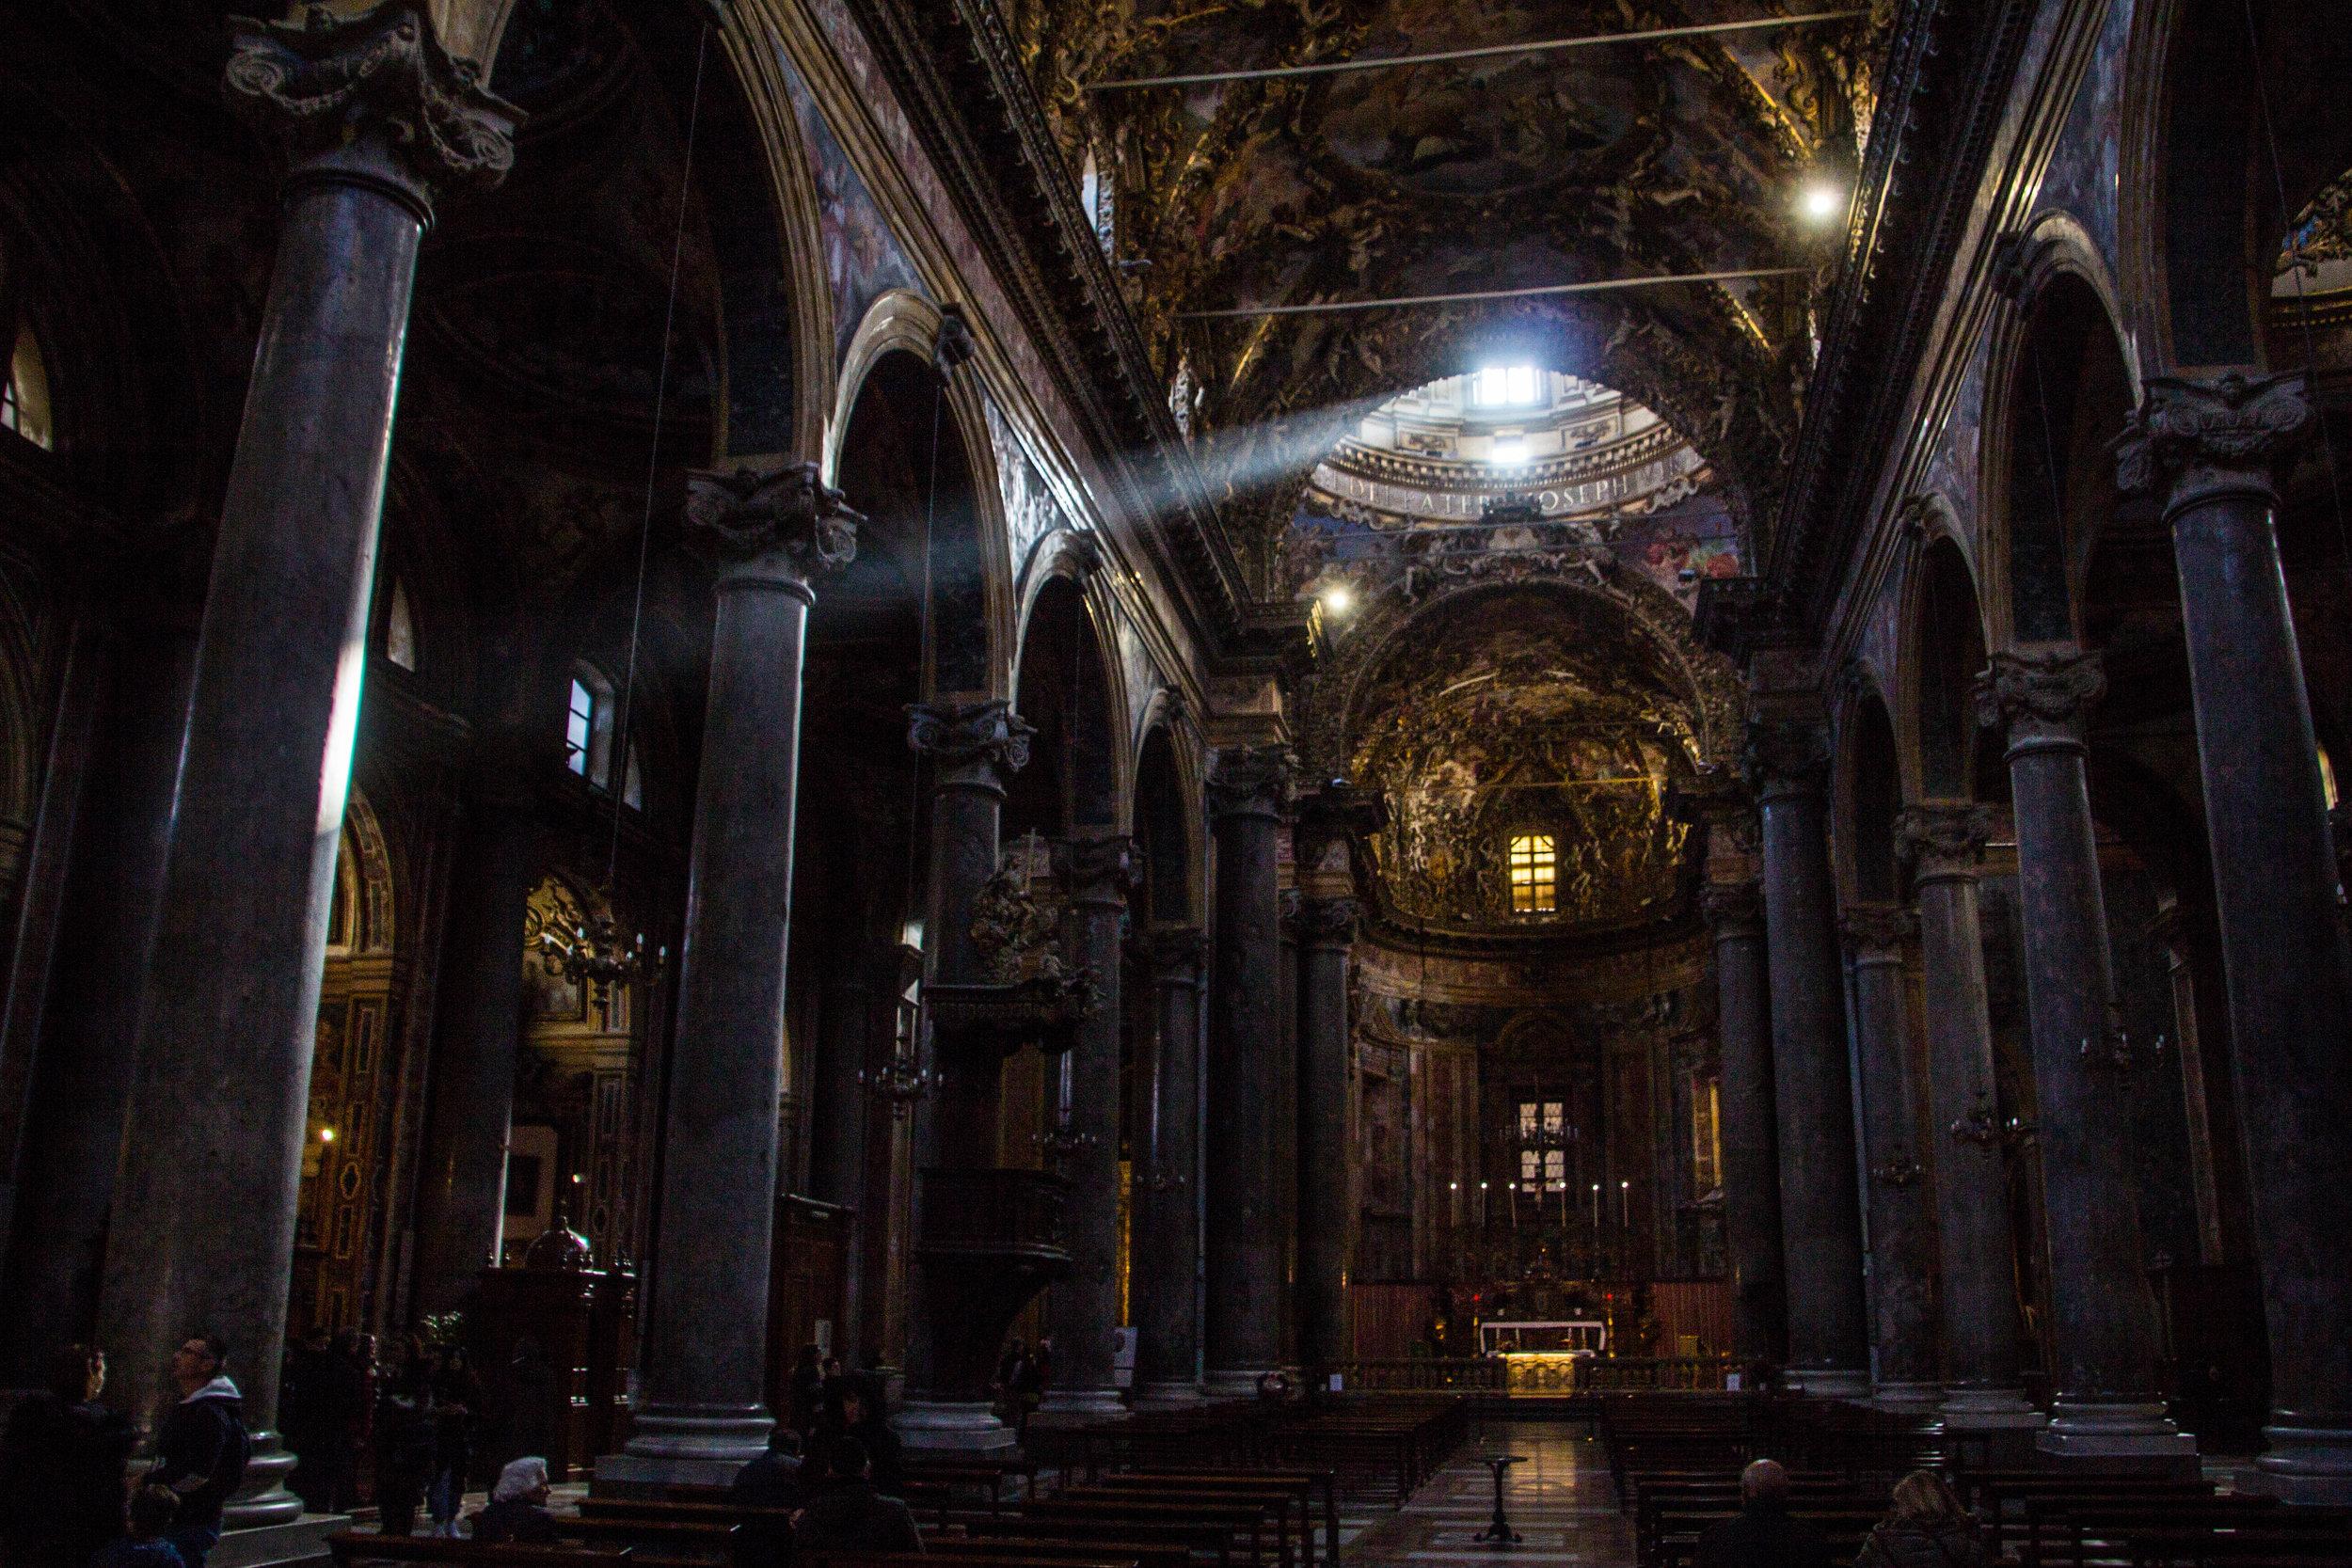 chiesa-di-san-giuseppe-dei-teatini-palermo-2.jpg